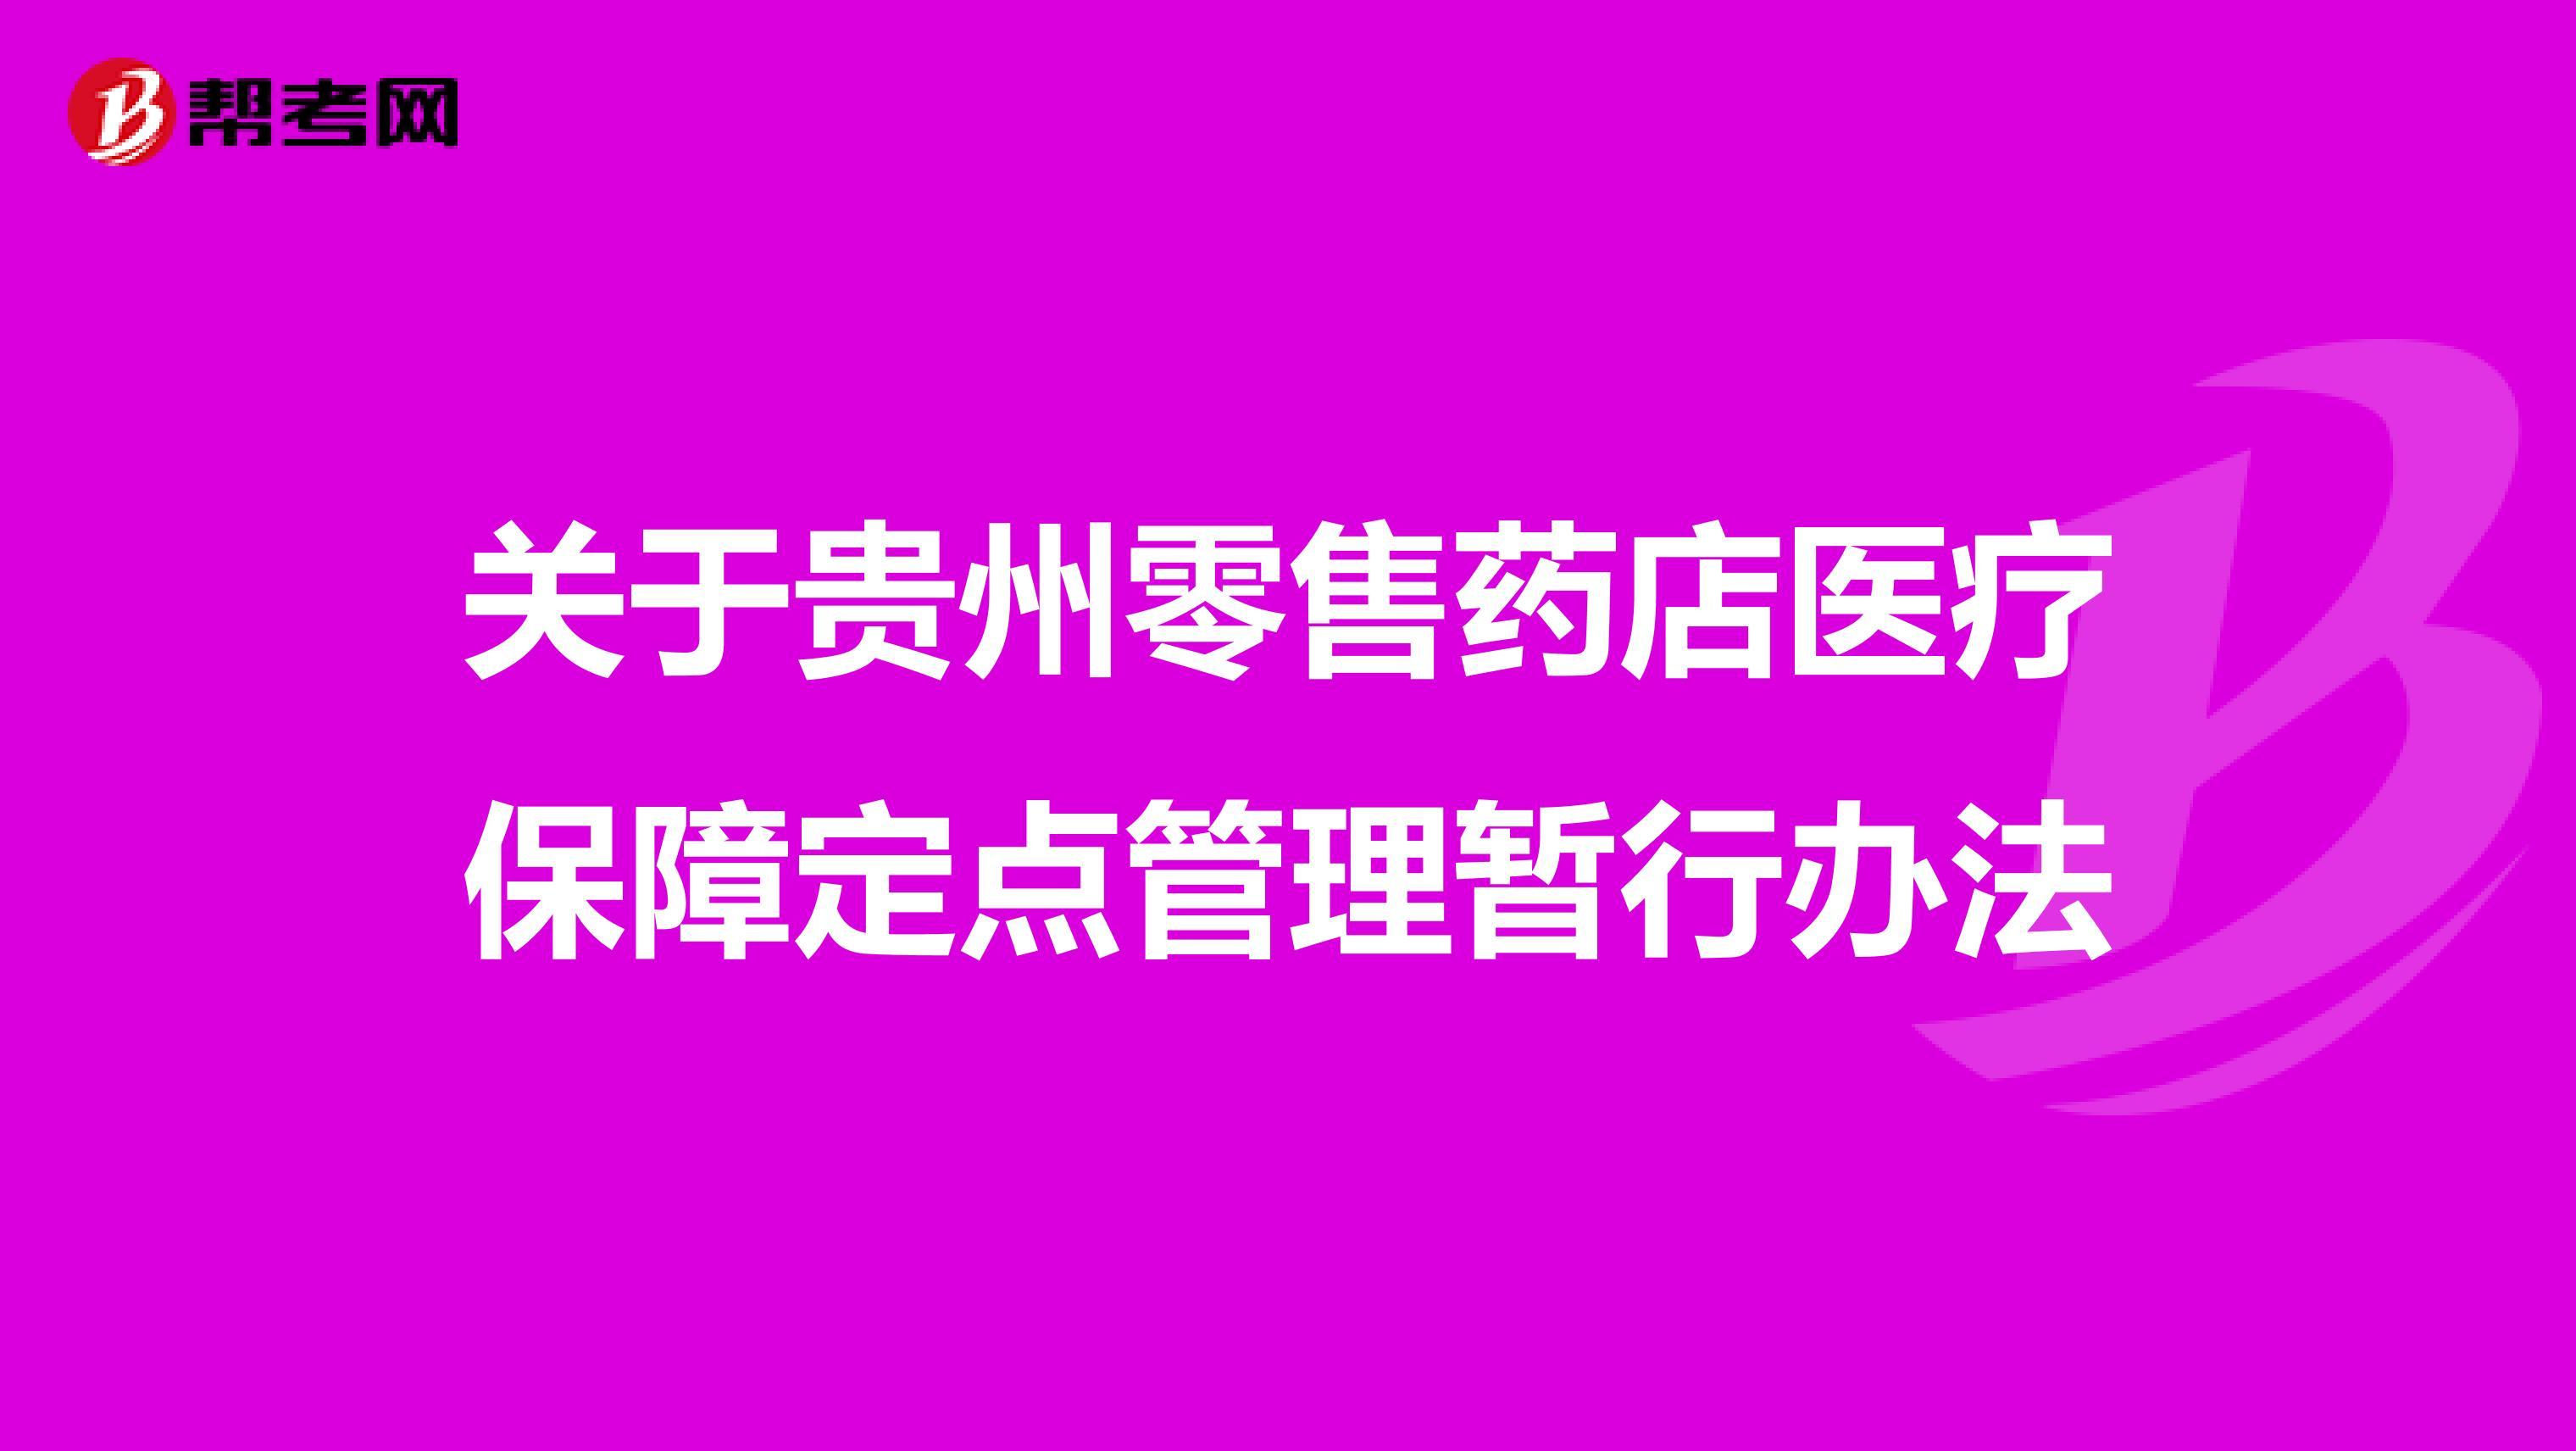 关于贵州零售药店医疗保障定点管理暂行办法